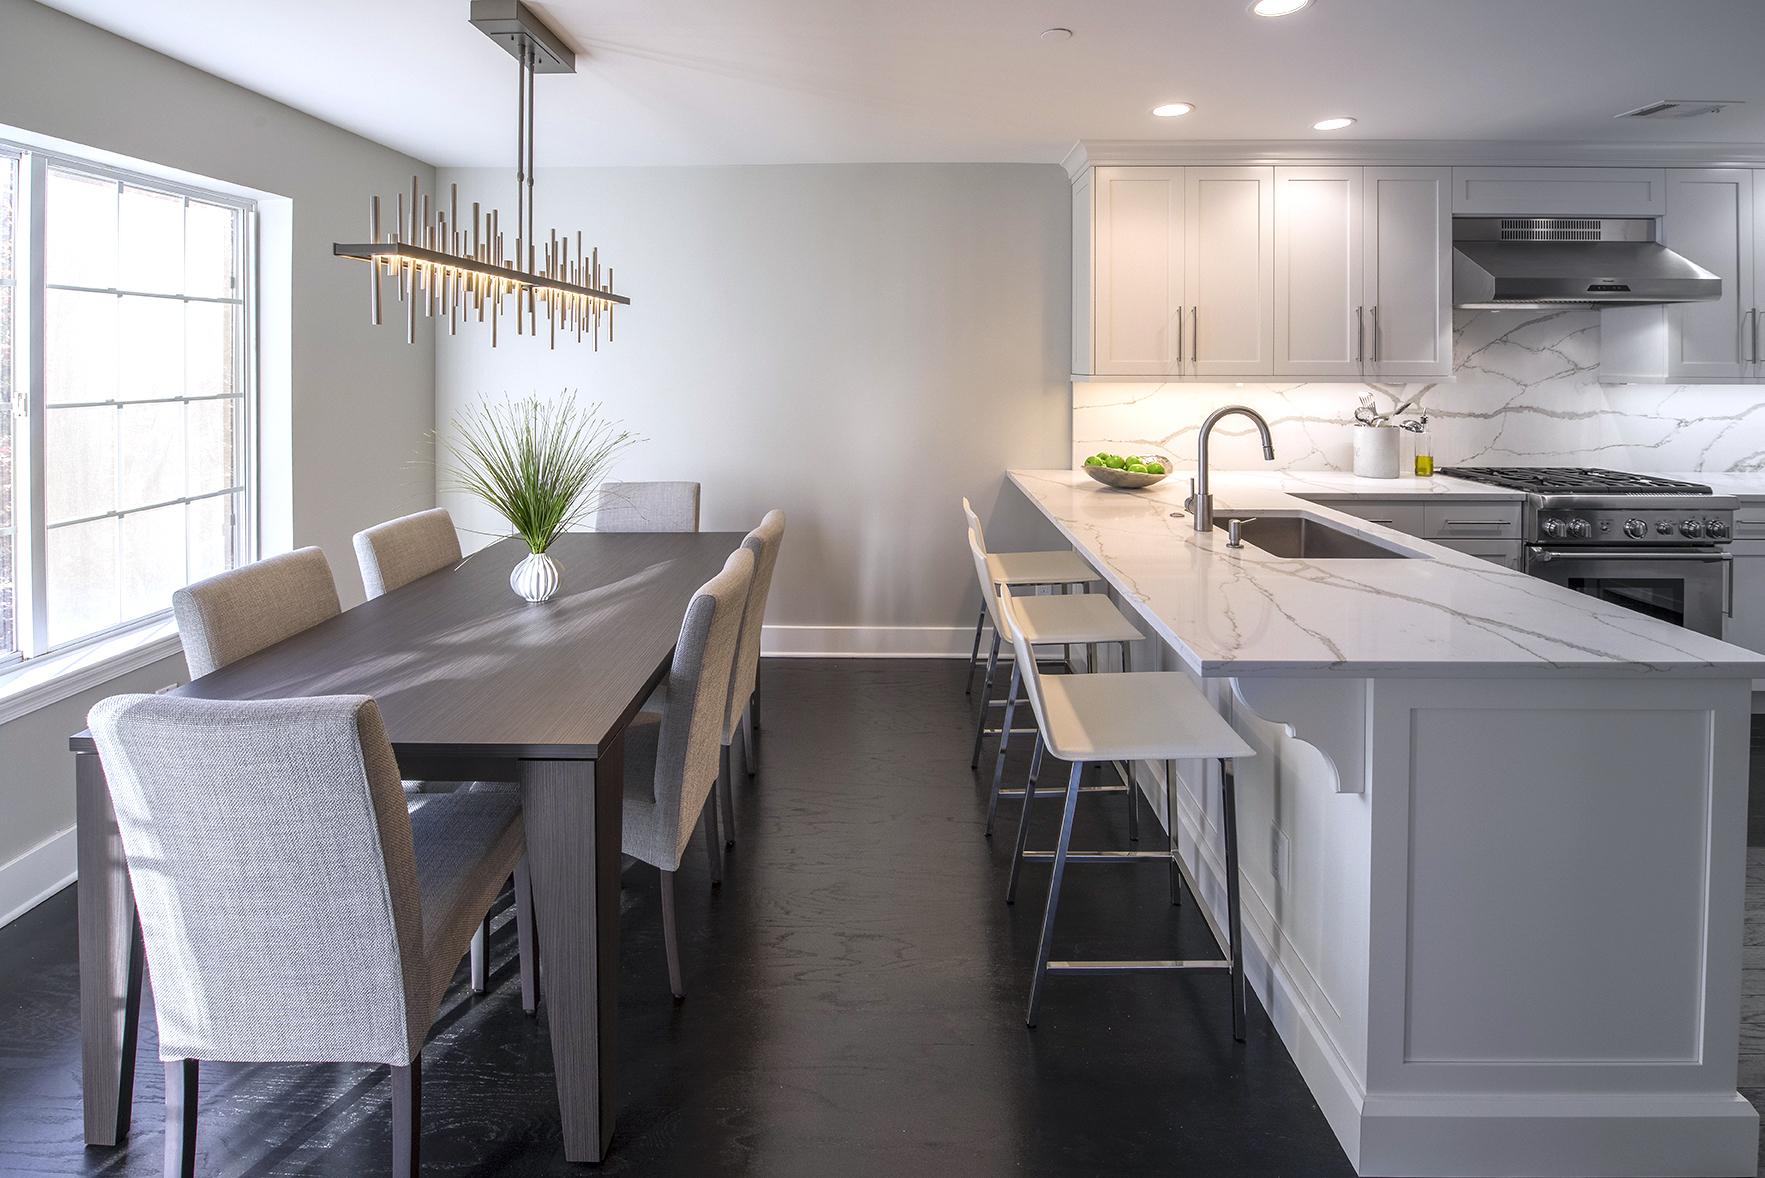 Kitchen Design Chatham Nj